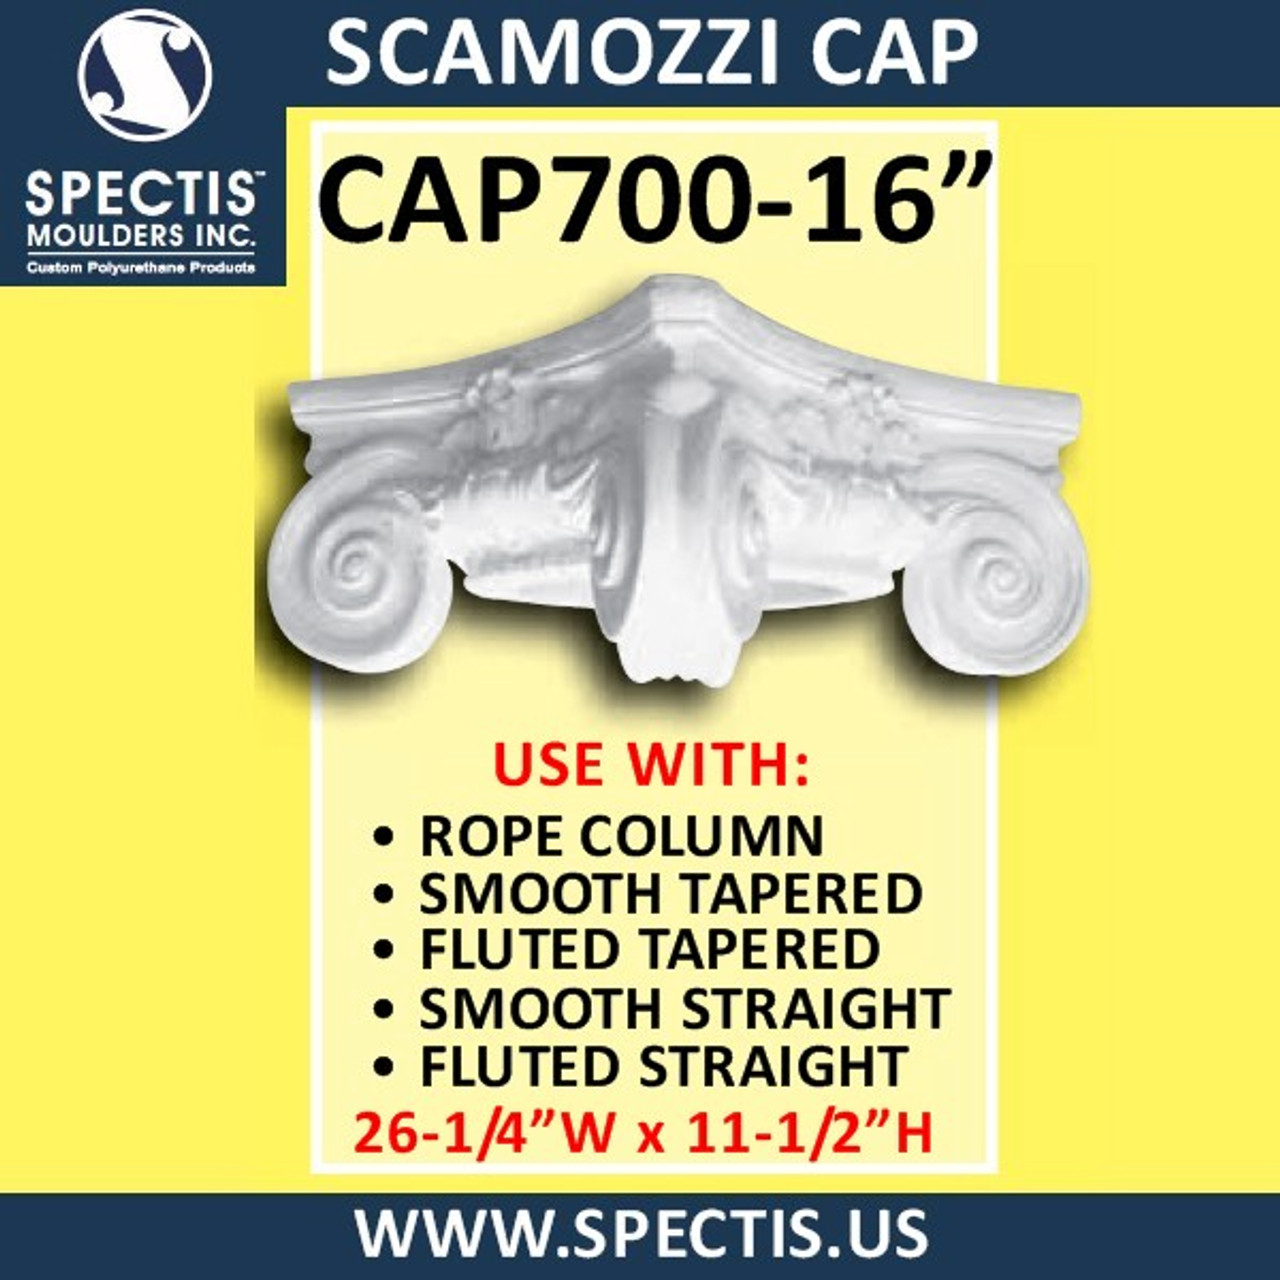 """CAP700-16 Scamozzi Cap 16 1/4"""" Hole x 26 1/4""""W x 11 1/2""""H"""